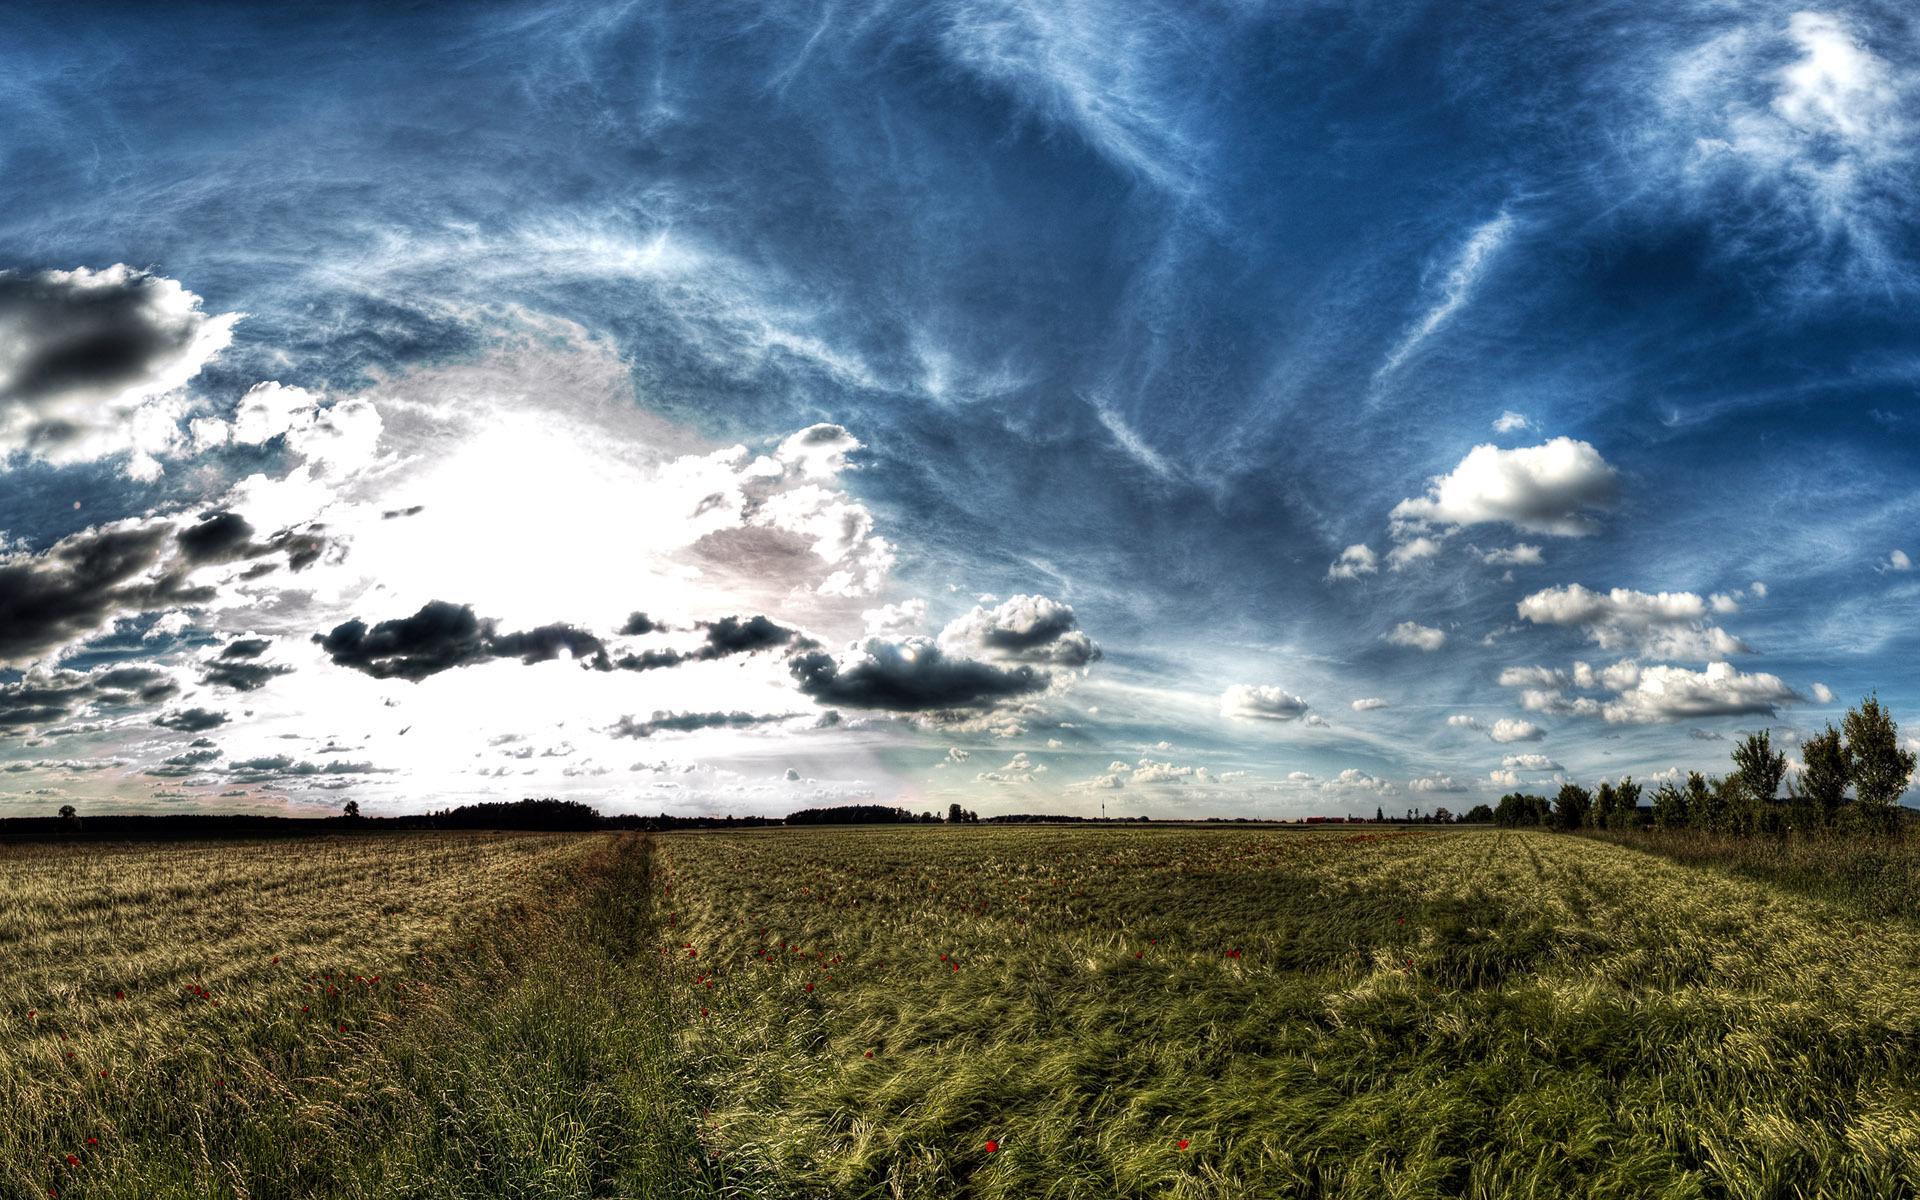 природа небо облака дорога горизонт  № 772097 загрузить